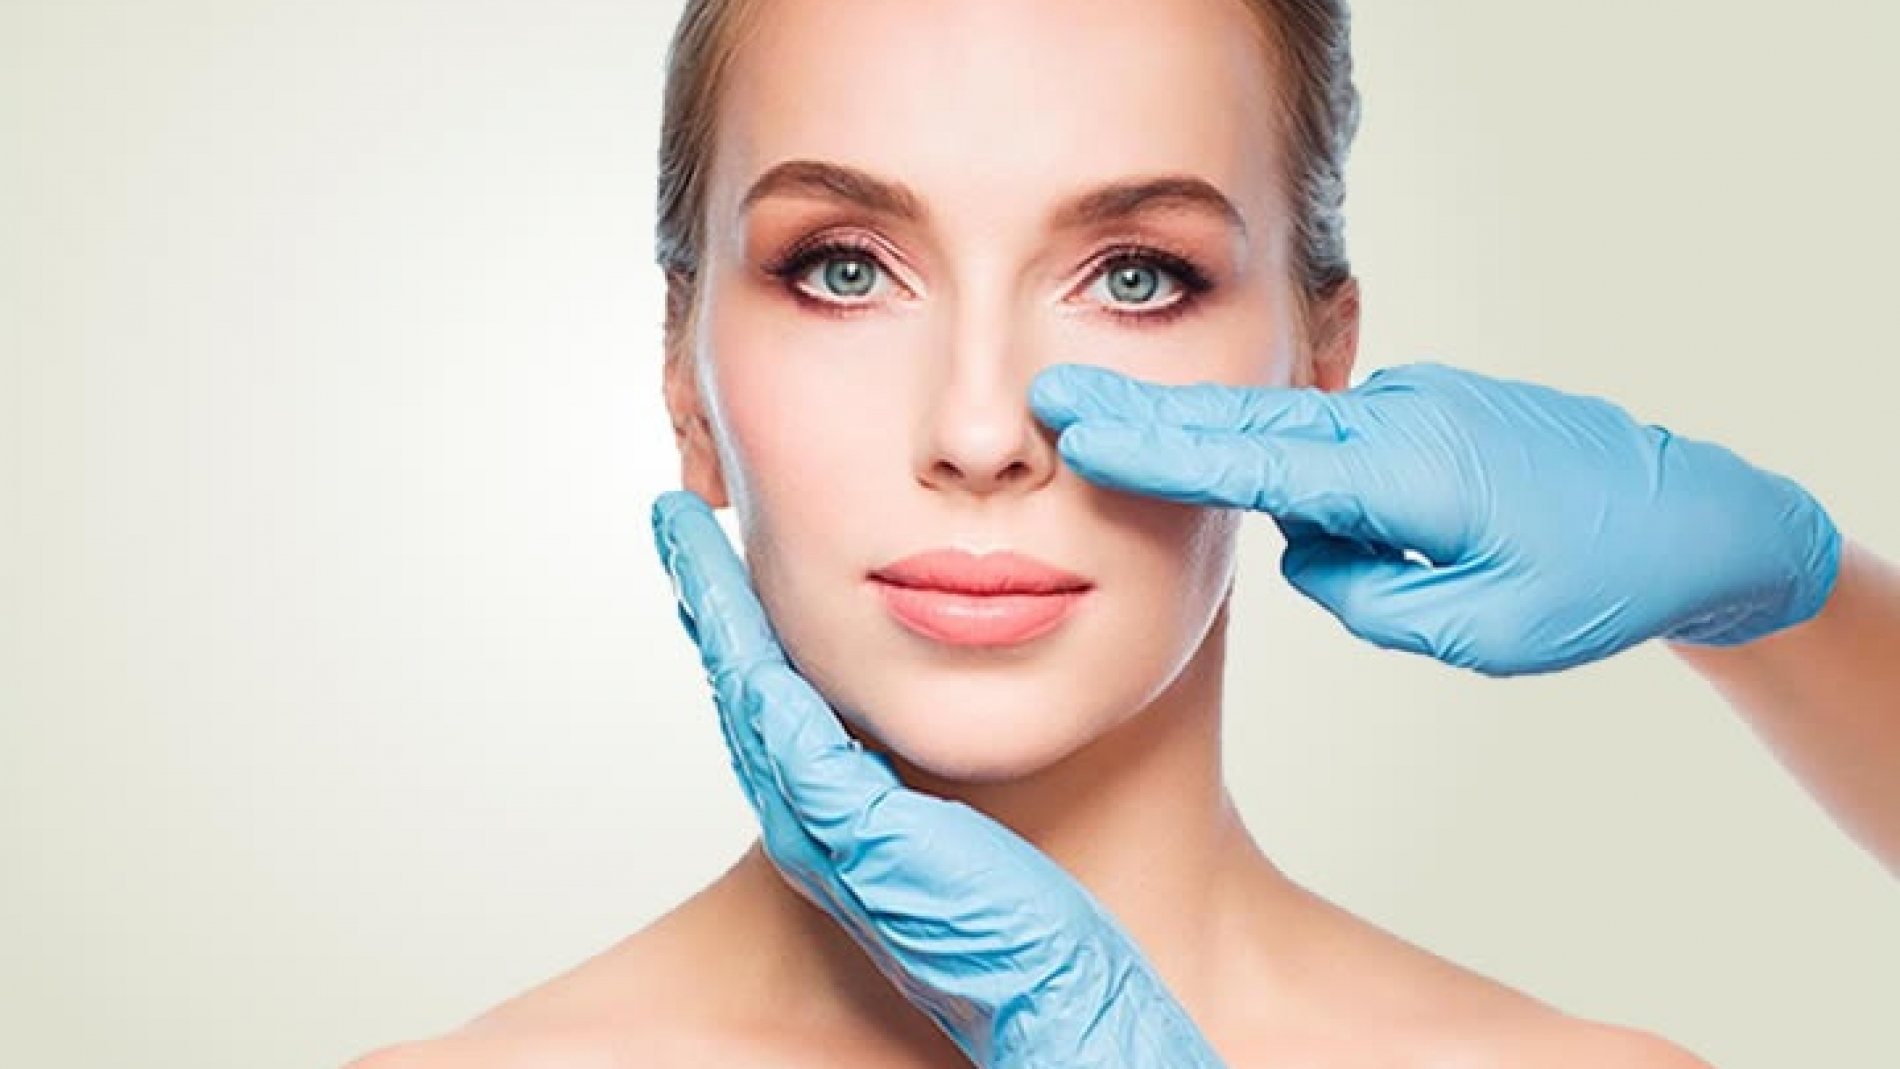 clinica de cirurgia plastica em santos dra ana lucia lemos O que é rinoplastia